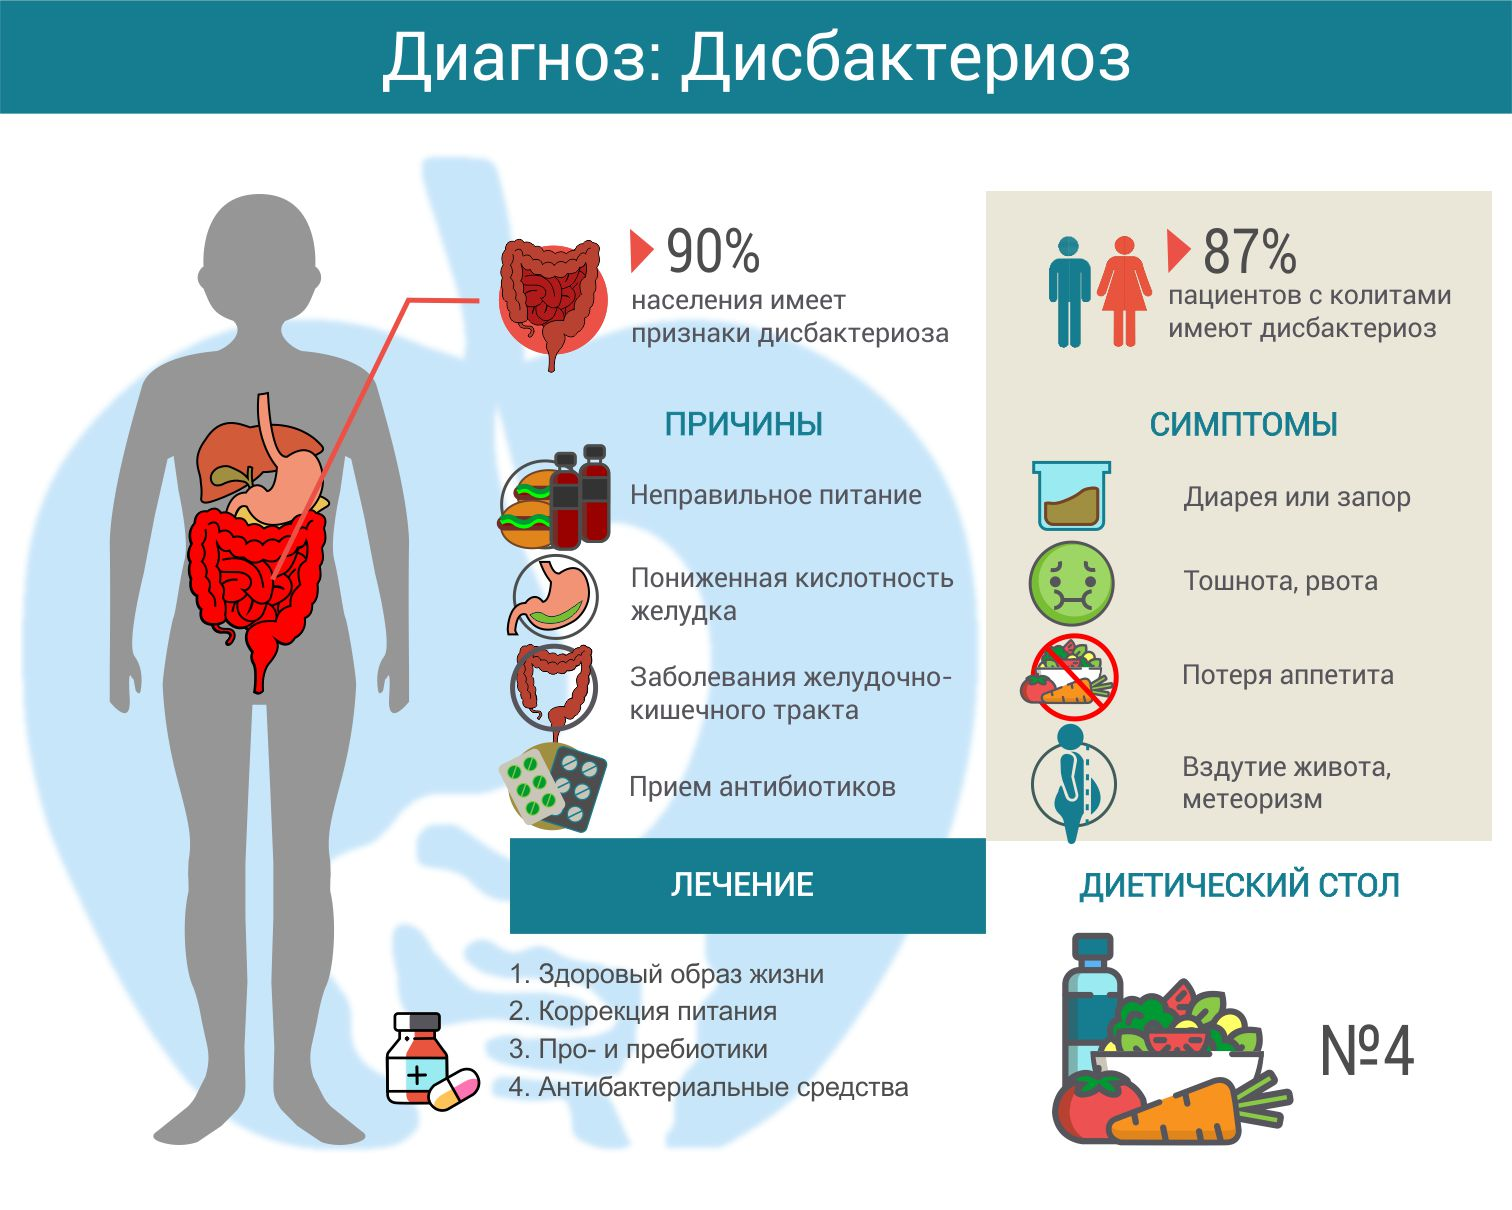 Дисбактериоз Кишечника Симптомы Диета. Как питаться при дисбактериозе?